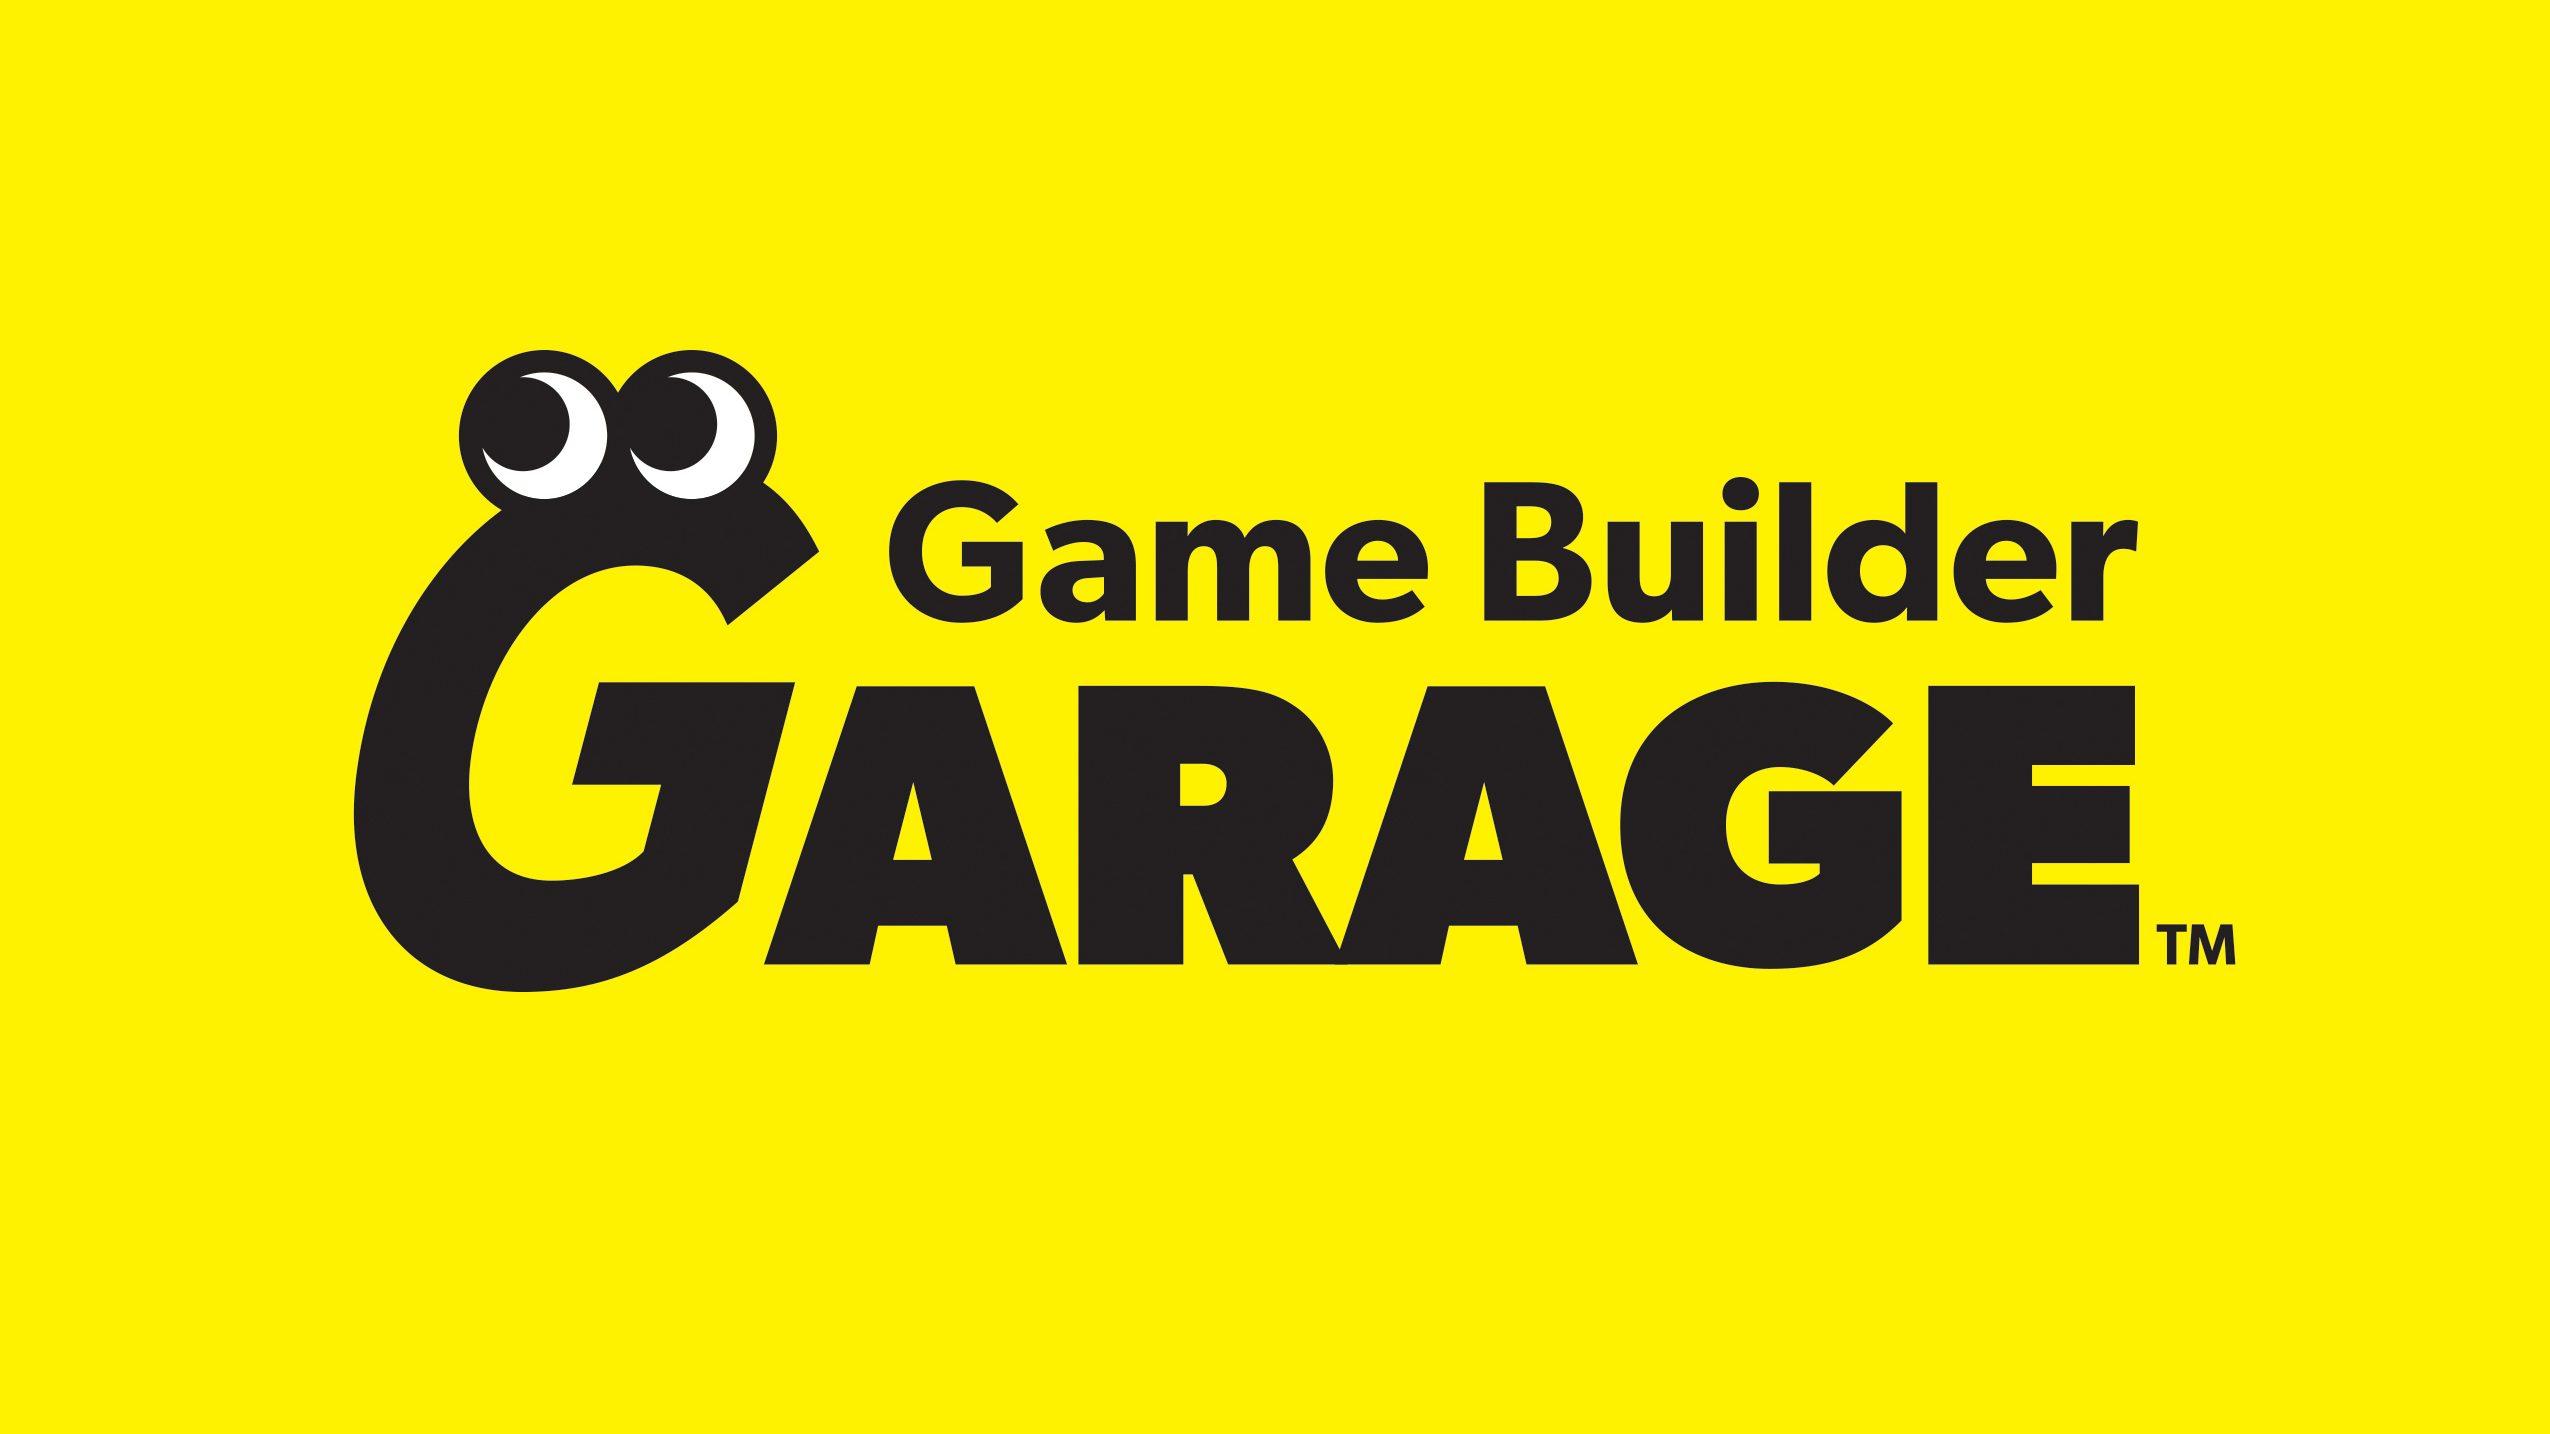 Game-Builder-Garage-logo-e1620306991214.jpg